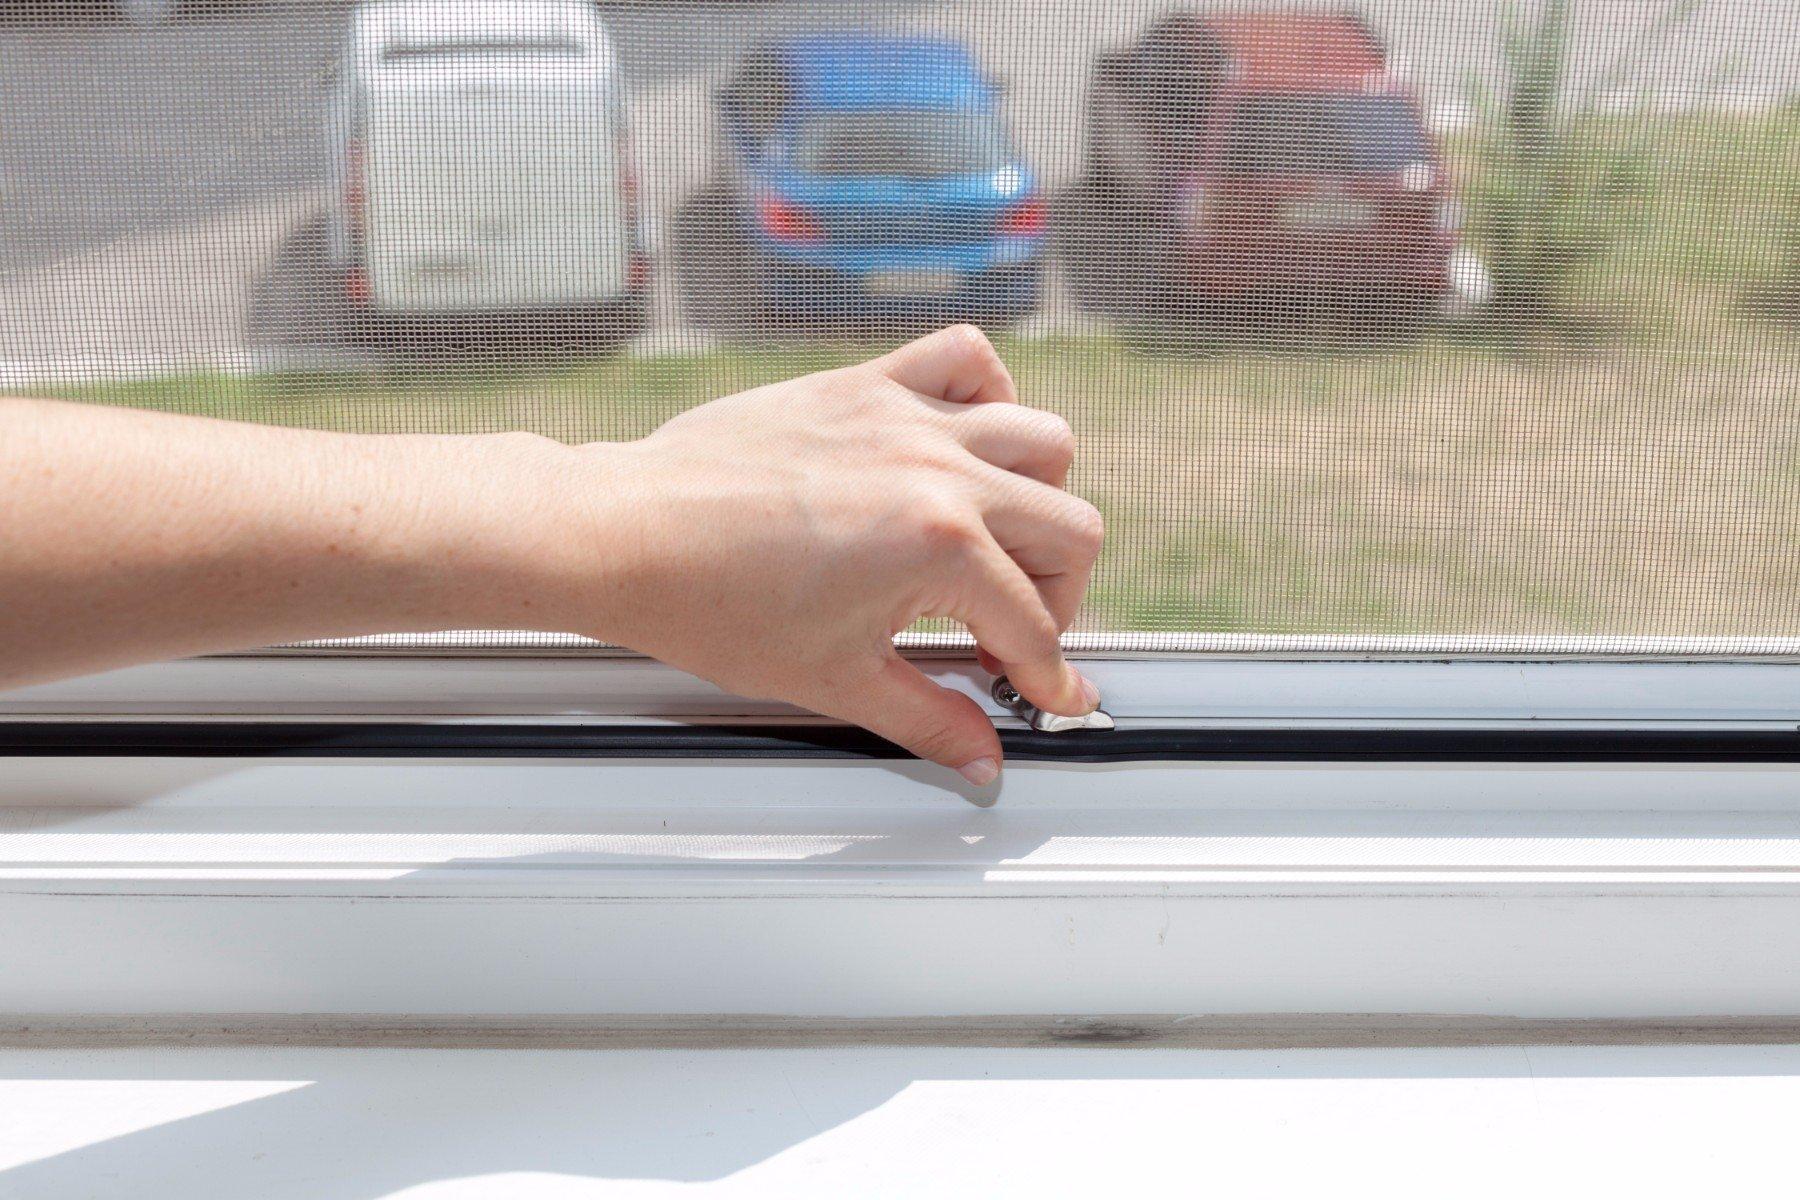 una mano che chiude una zanzariera di una finestra